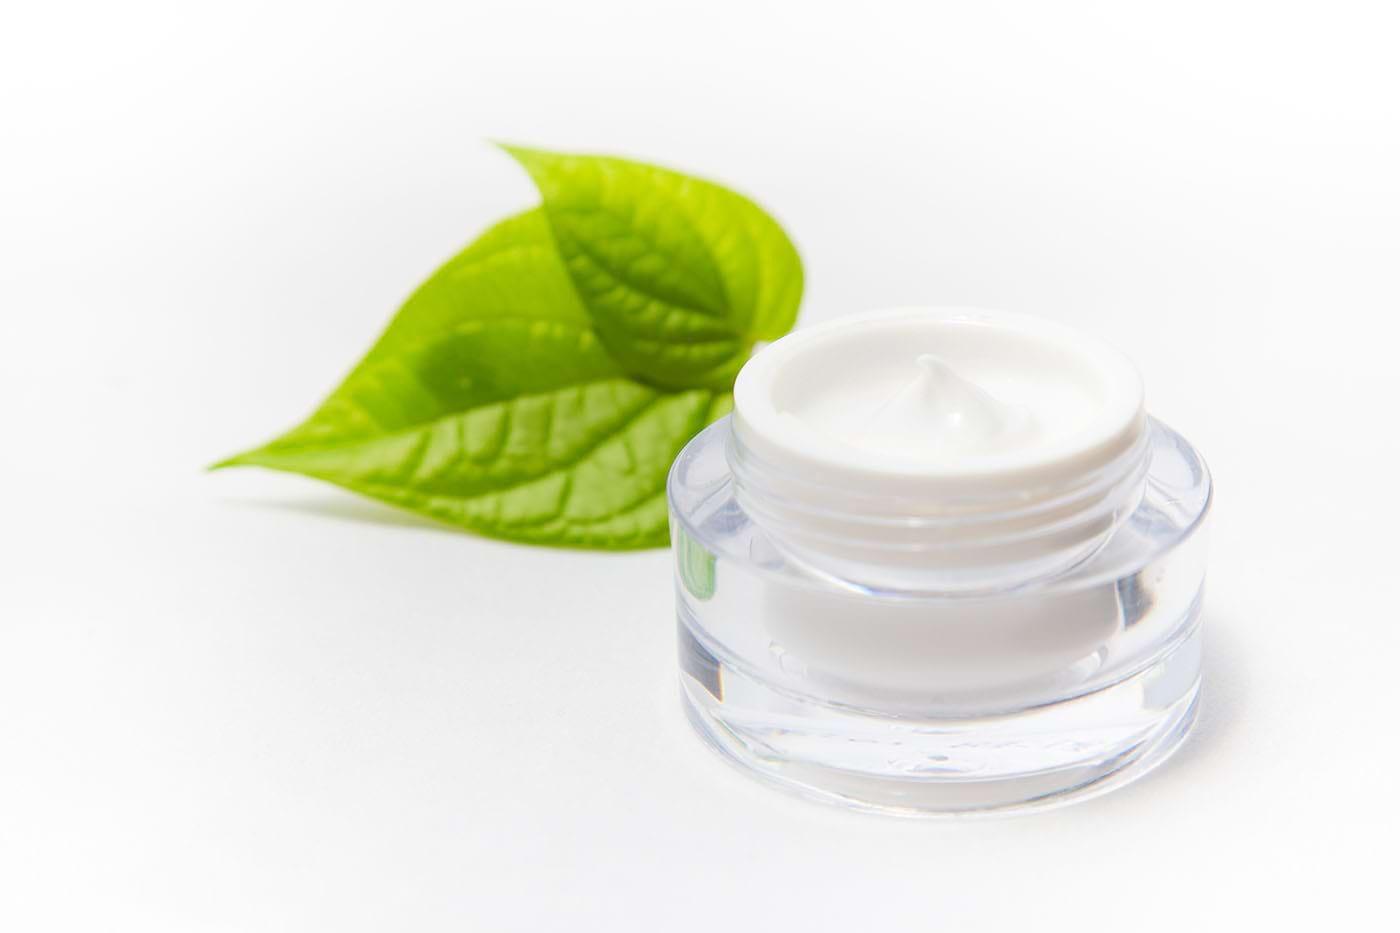 Produsele organo-cosmetice și cosmedible: cum le alegi pe cele care-ți fac bine